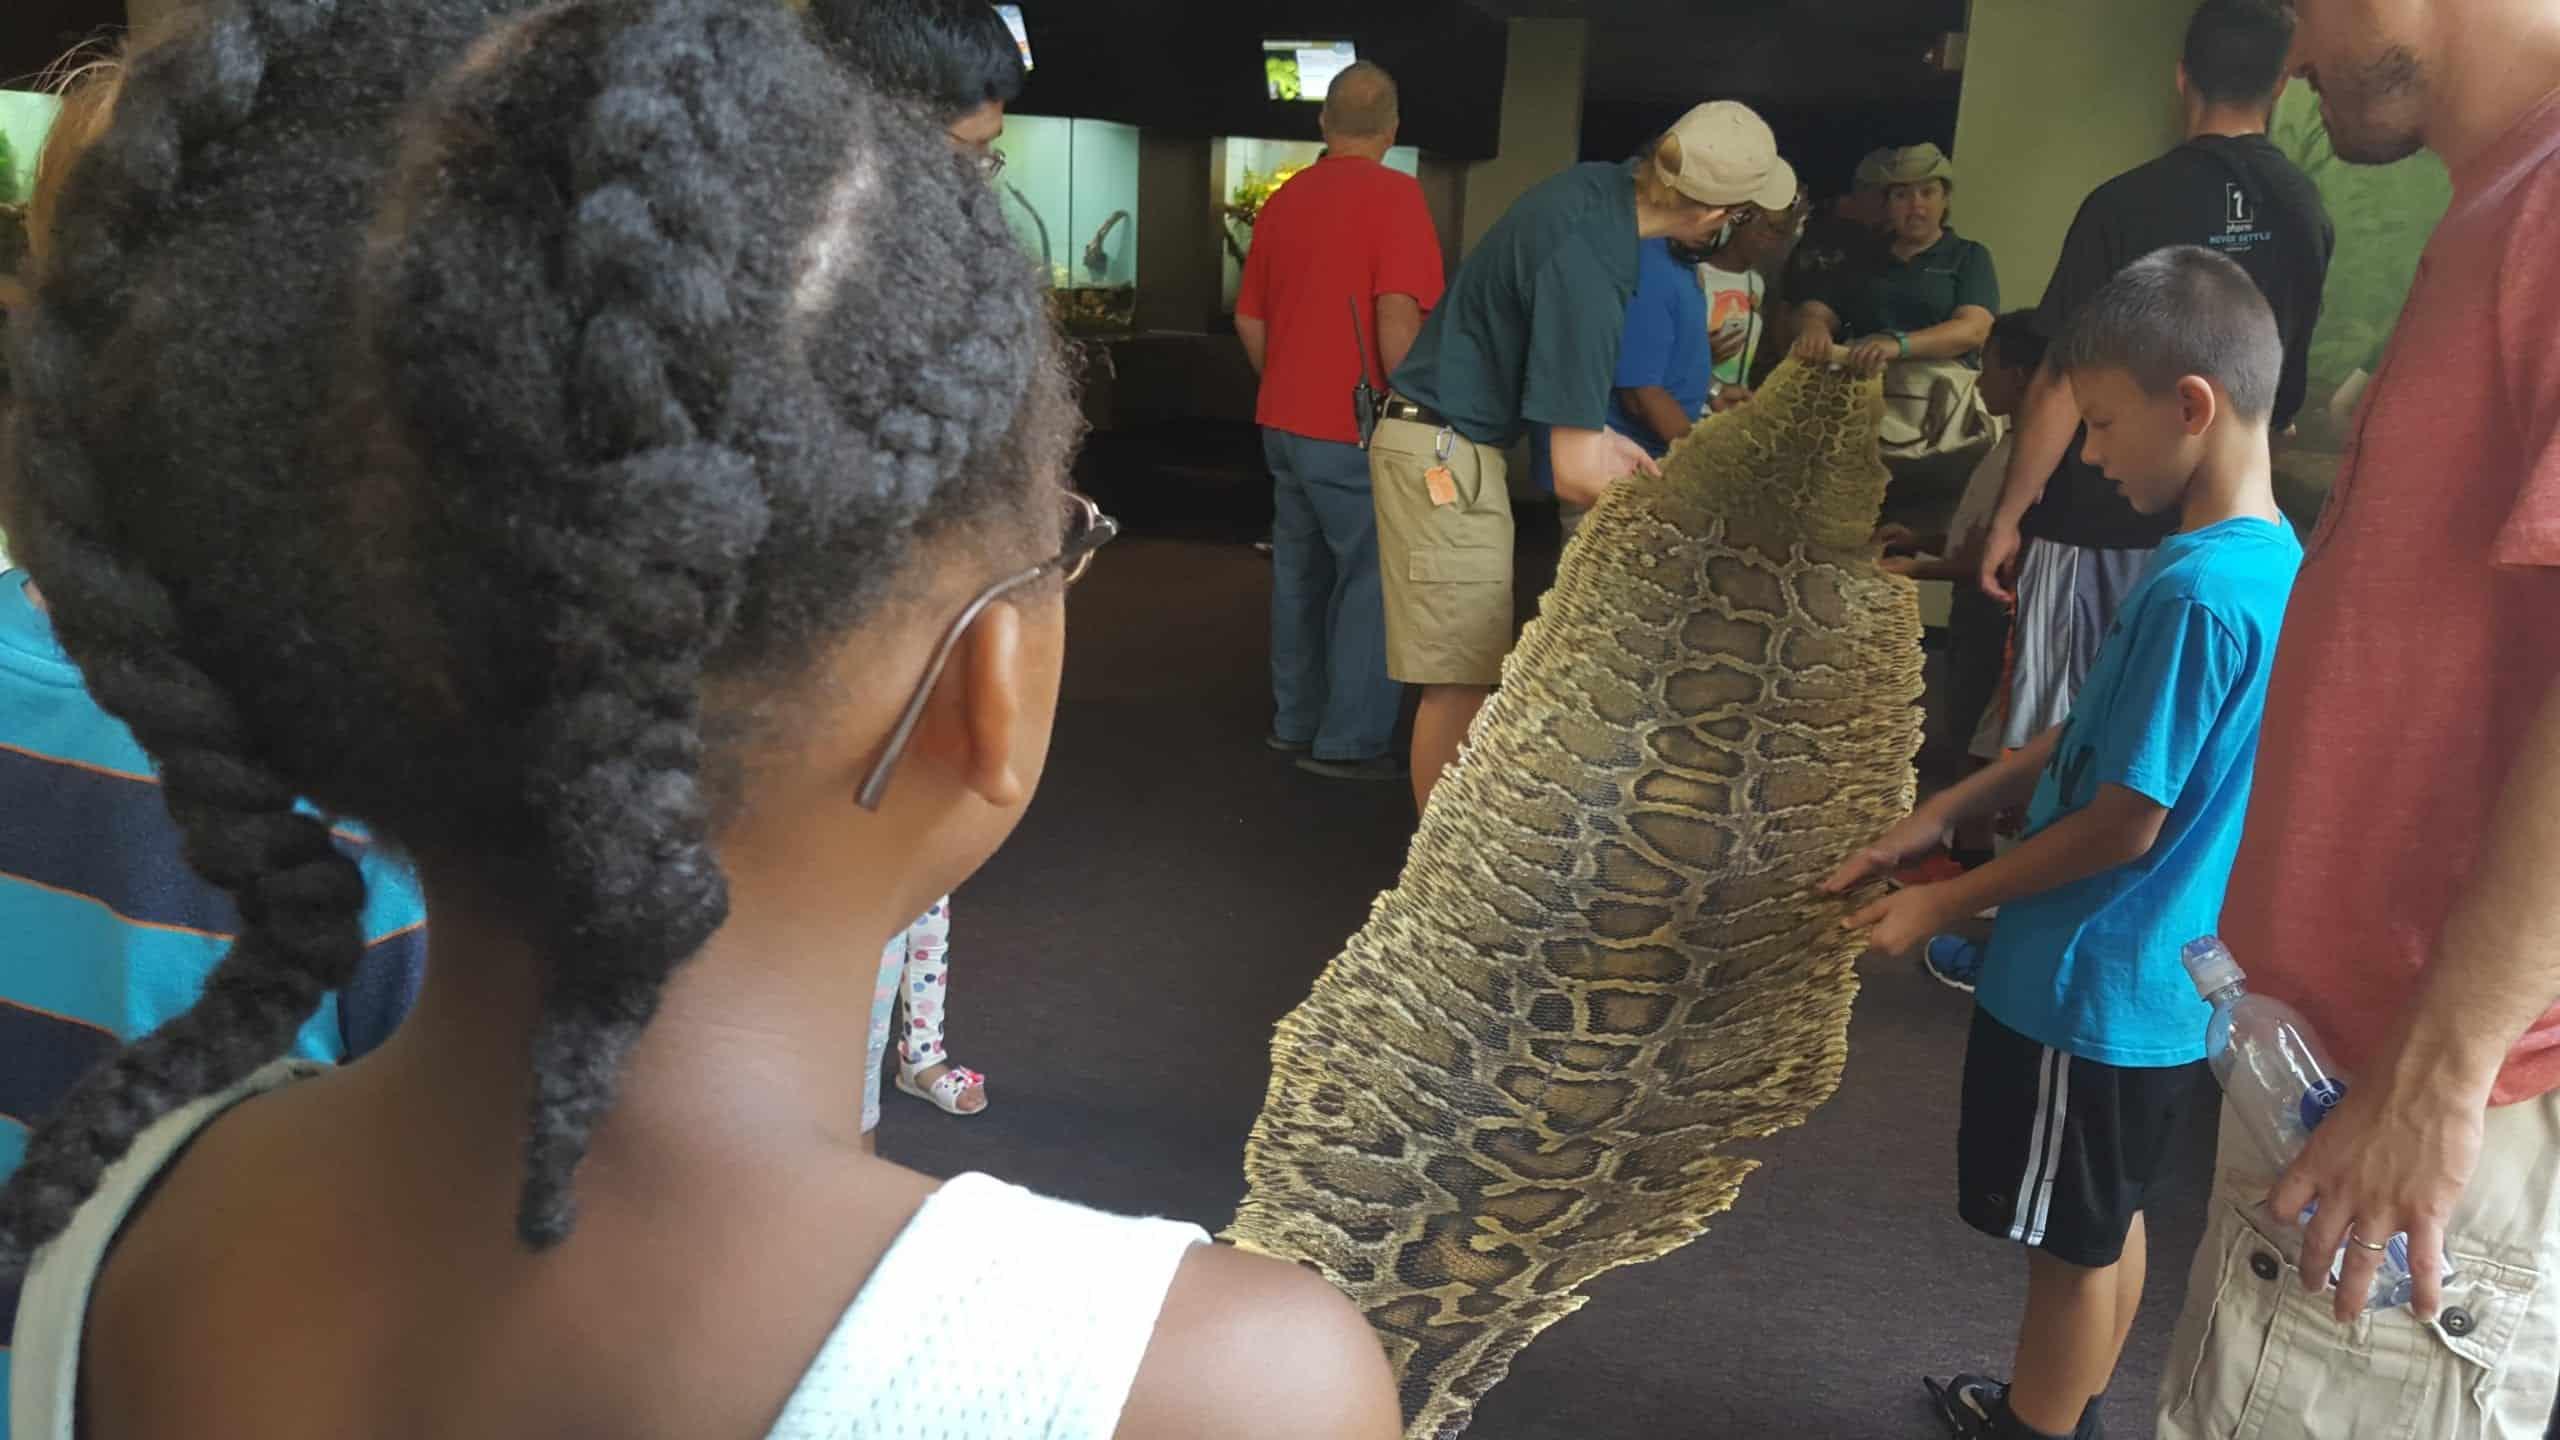 St. Louis Zoo - Safari Tour